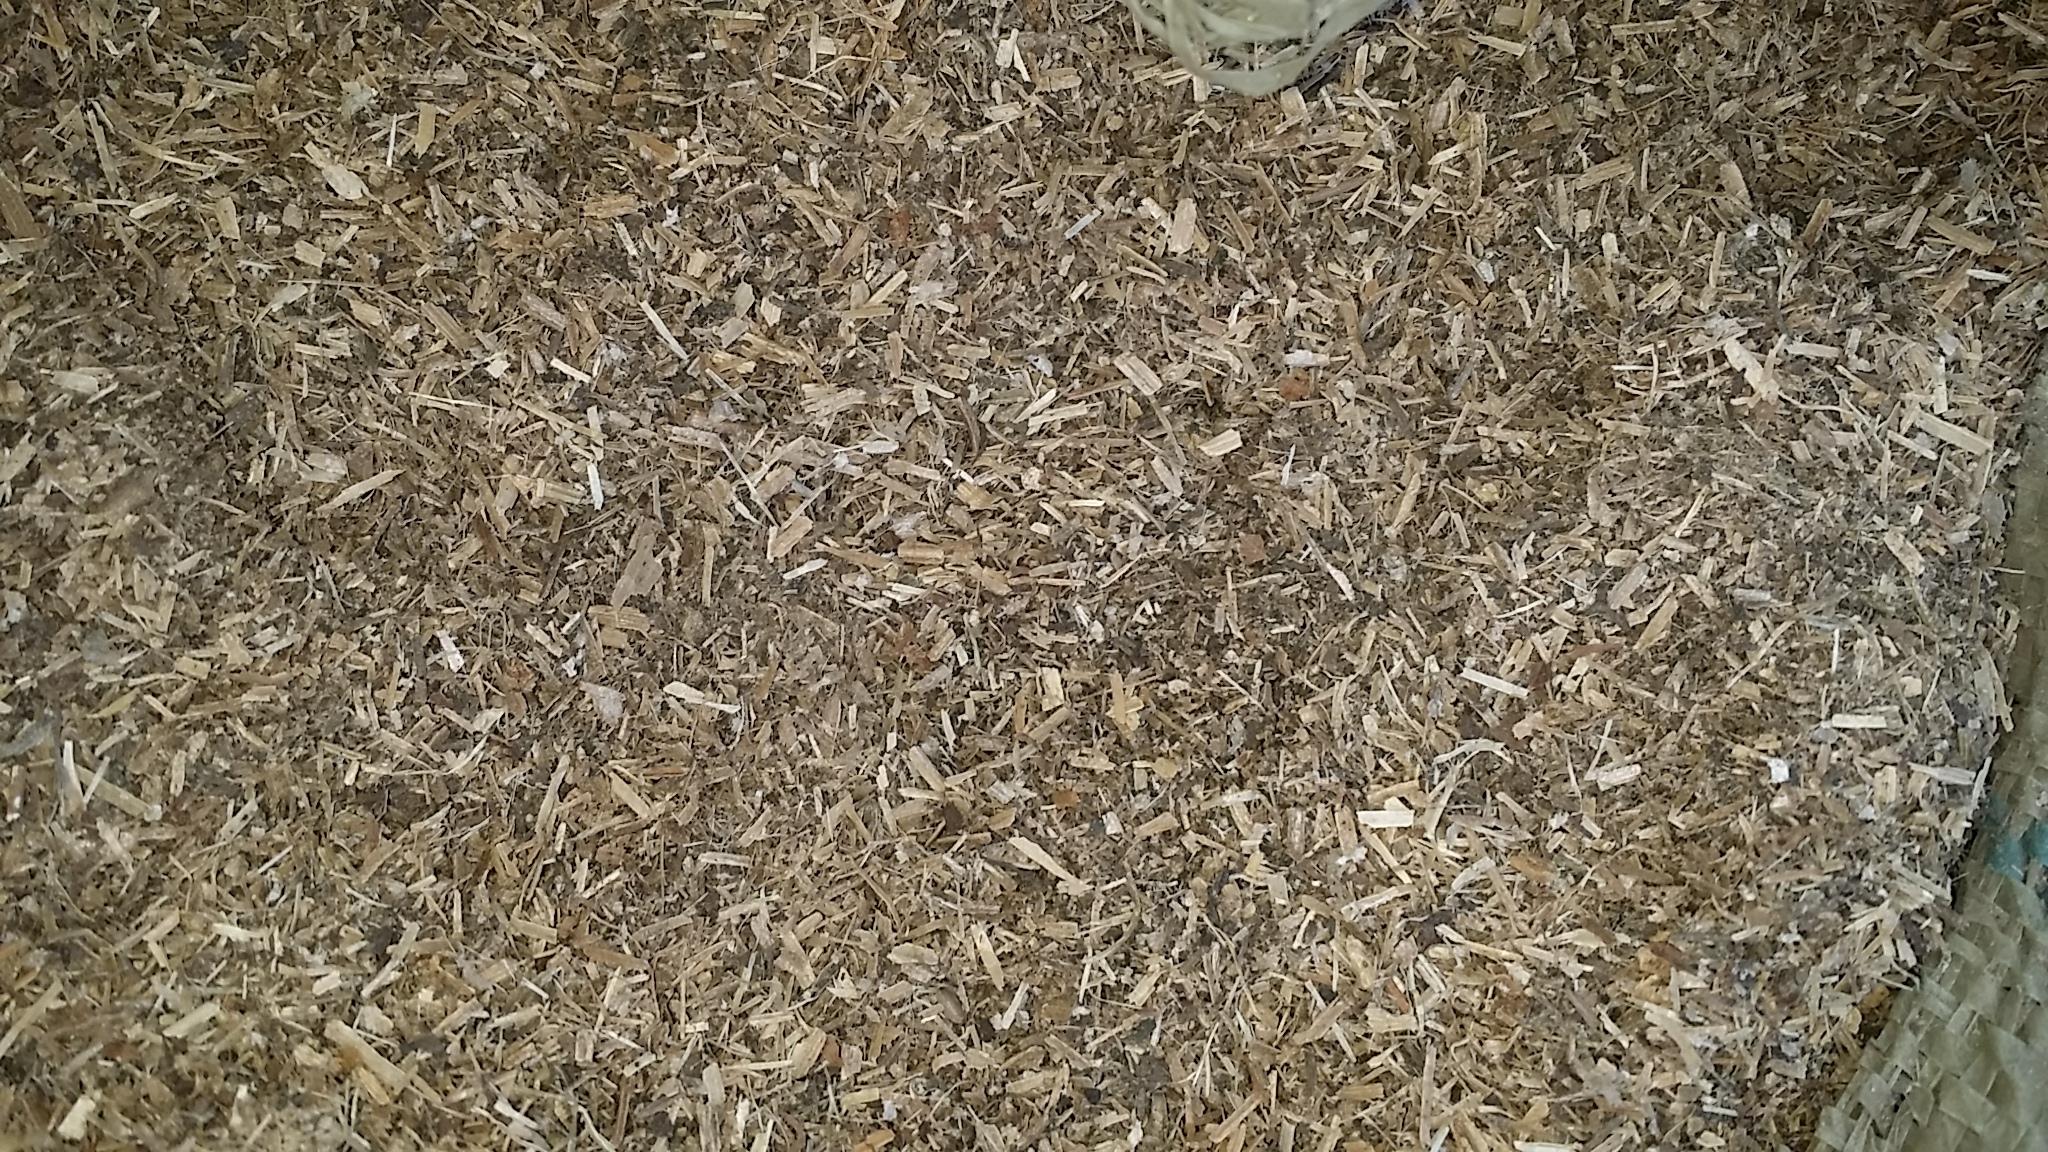 Земля дыня лист отруби земля дыня саженец порошок земля дыня стебель лист отруби красный сладкий картофель соломенный порошок 500 грамм